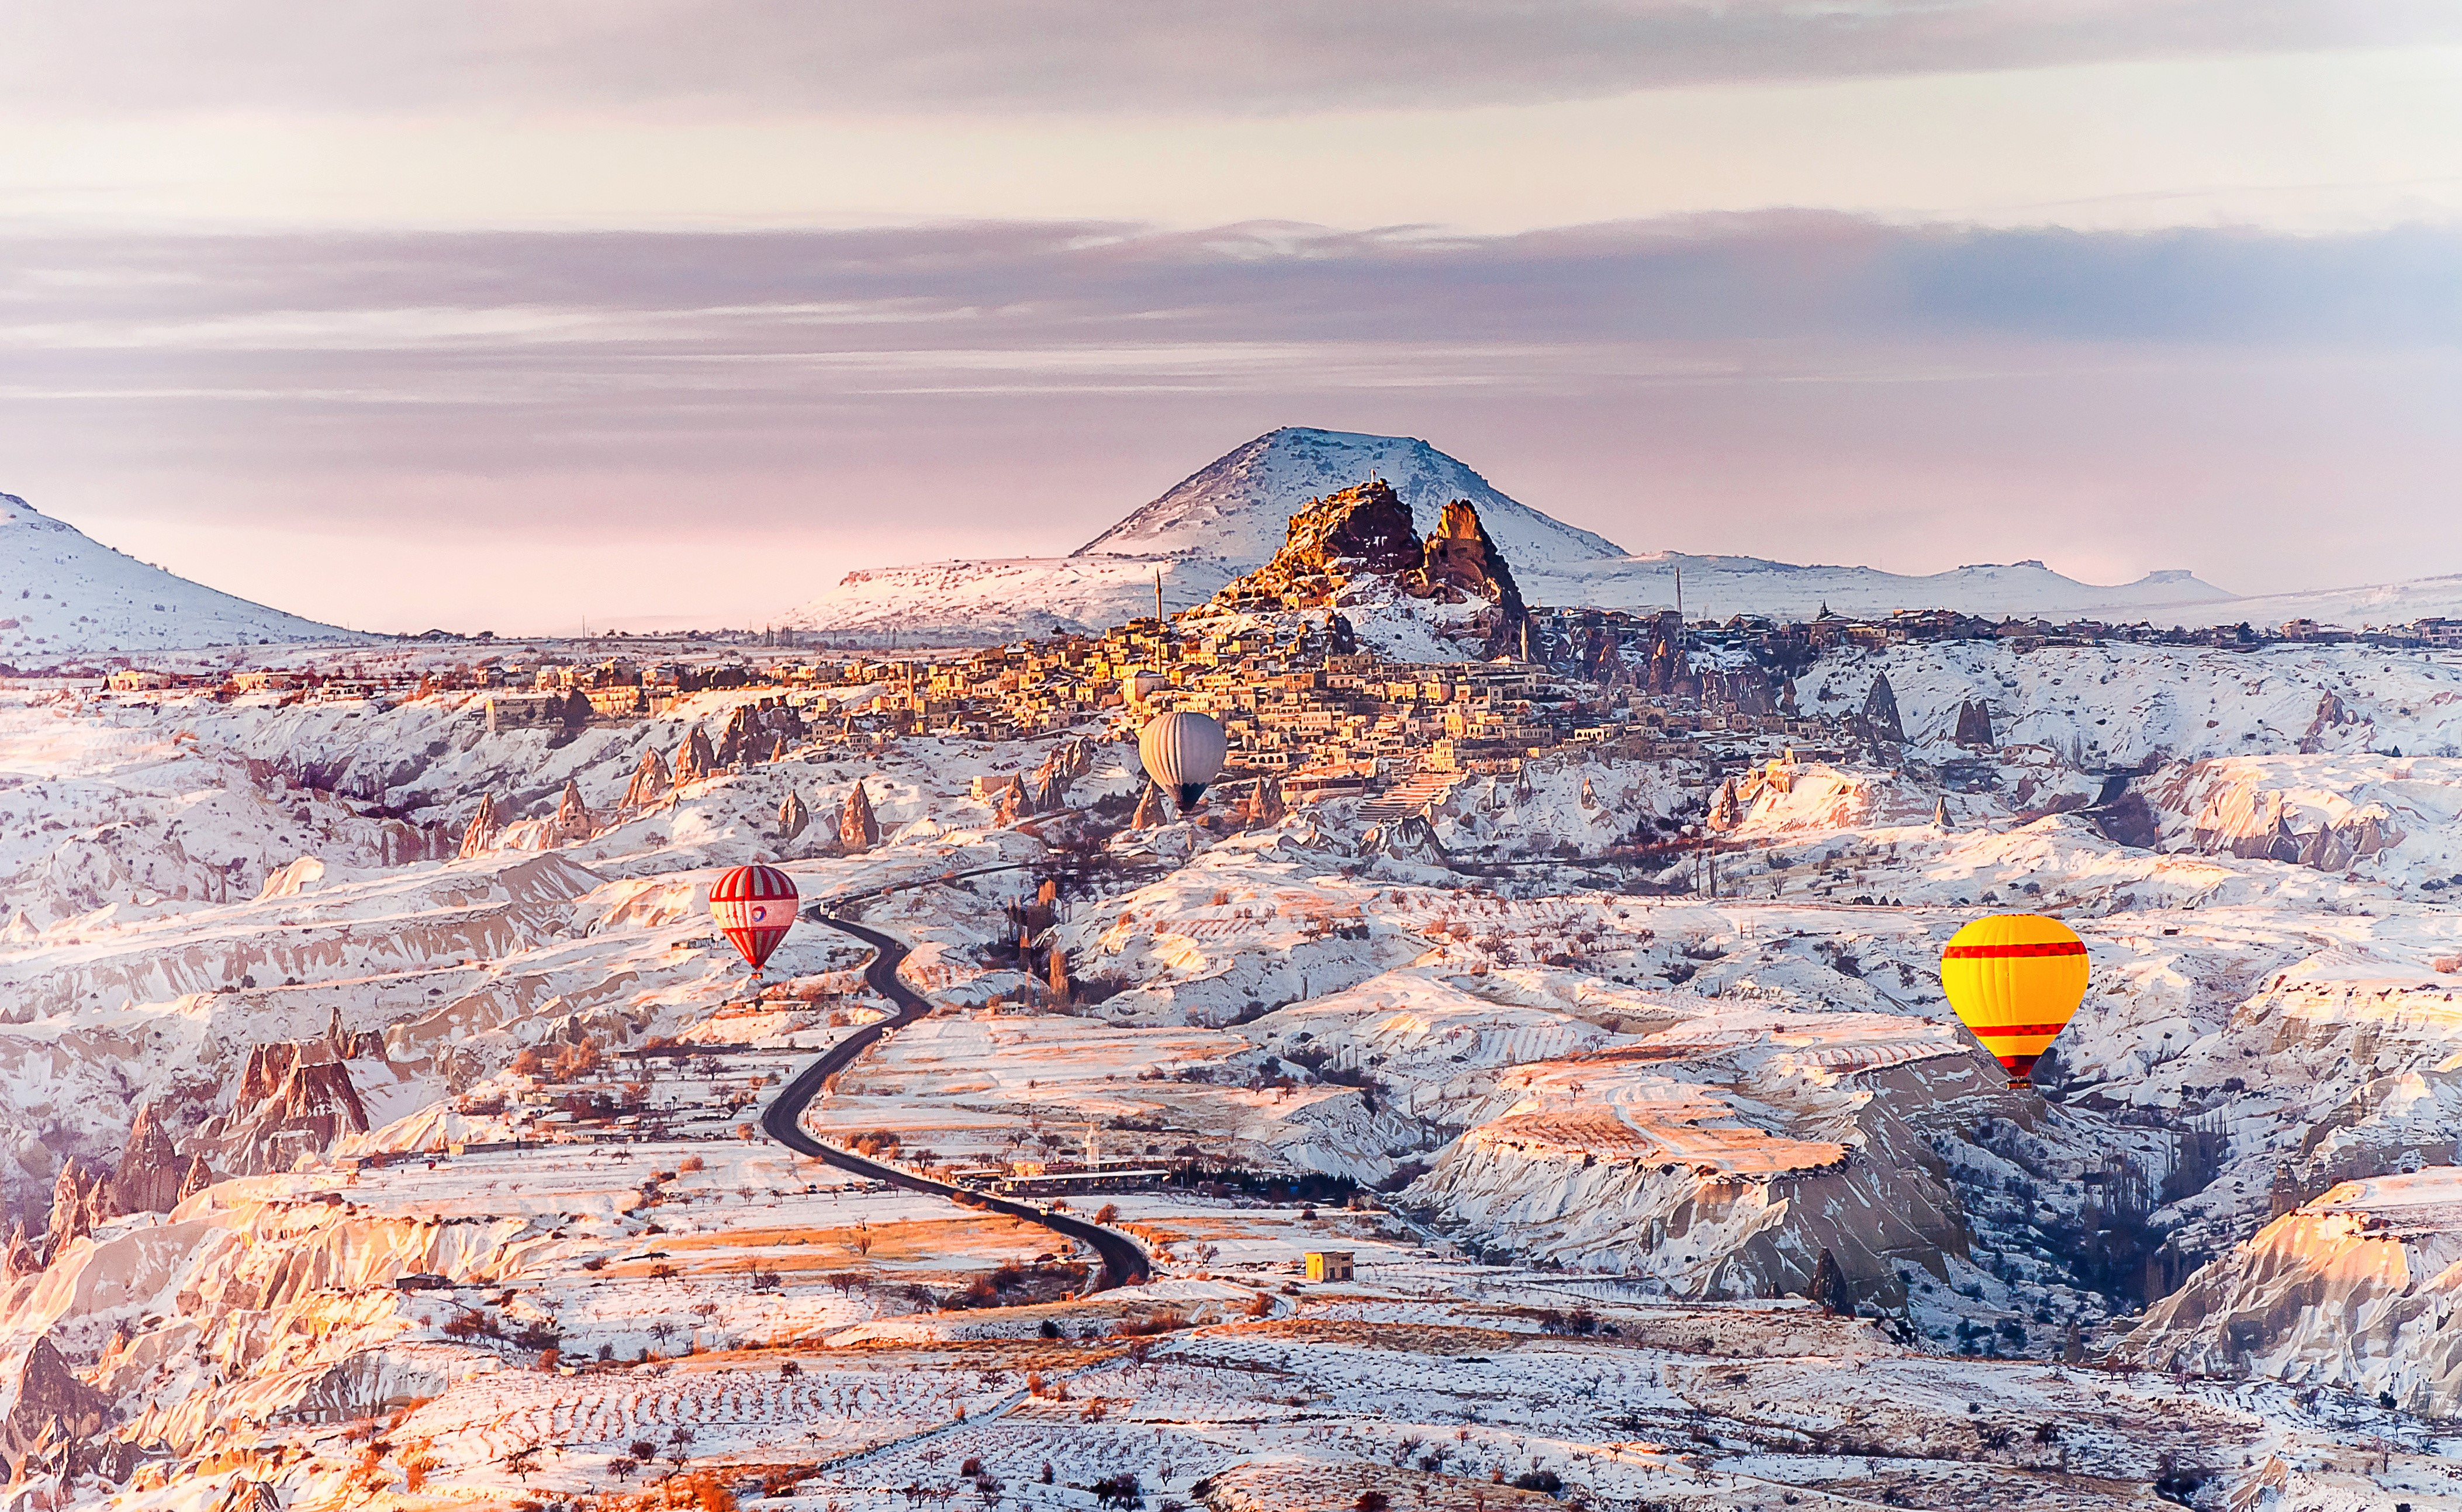 ทัวร์ตุรกี-แกรนด์ตุรกี-เที่ยวบินกลางวัน-8-วัน-6-คืน-(MAY-OCT20)(TK8DGRANDTK2020DAY)